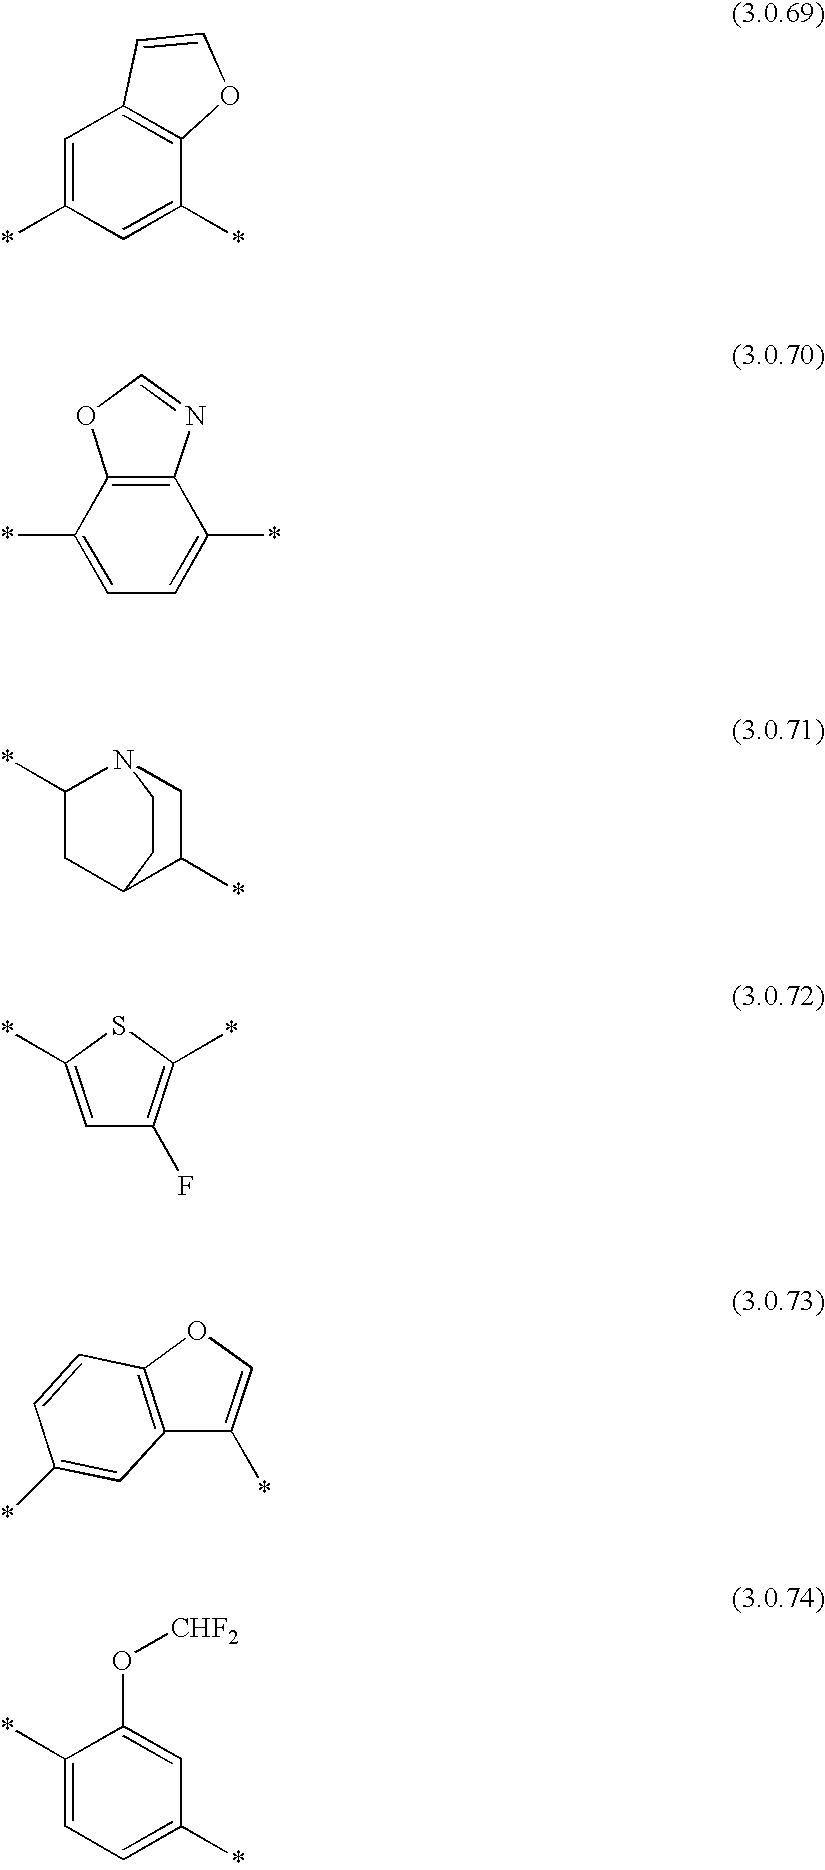 Figure US20030186974A1-20031002-C00132